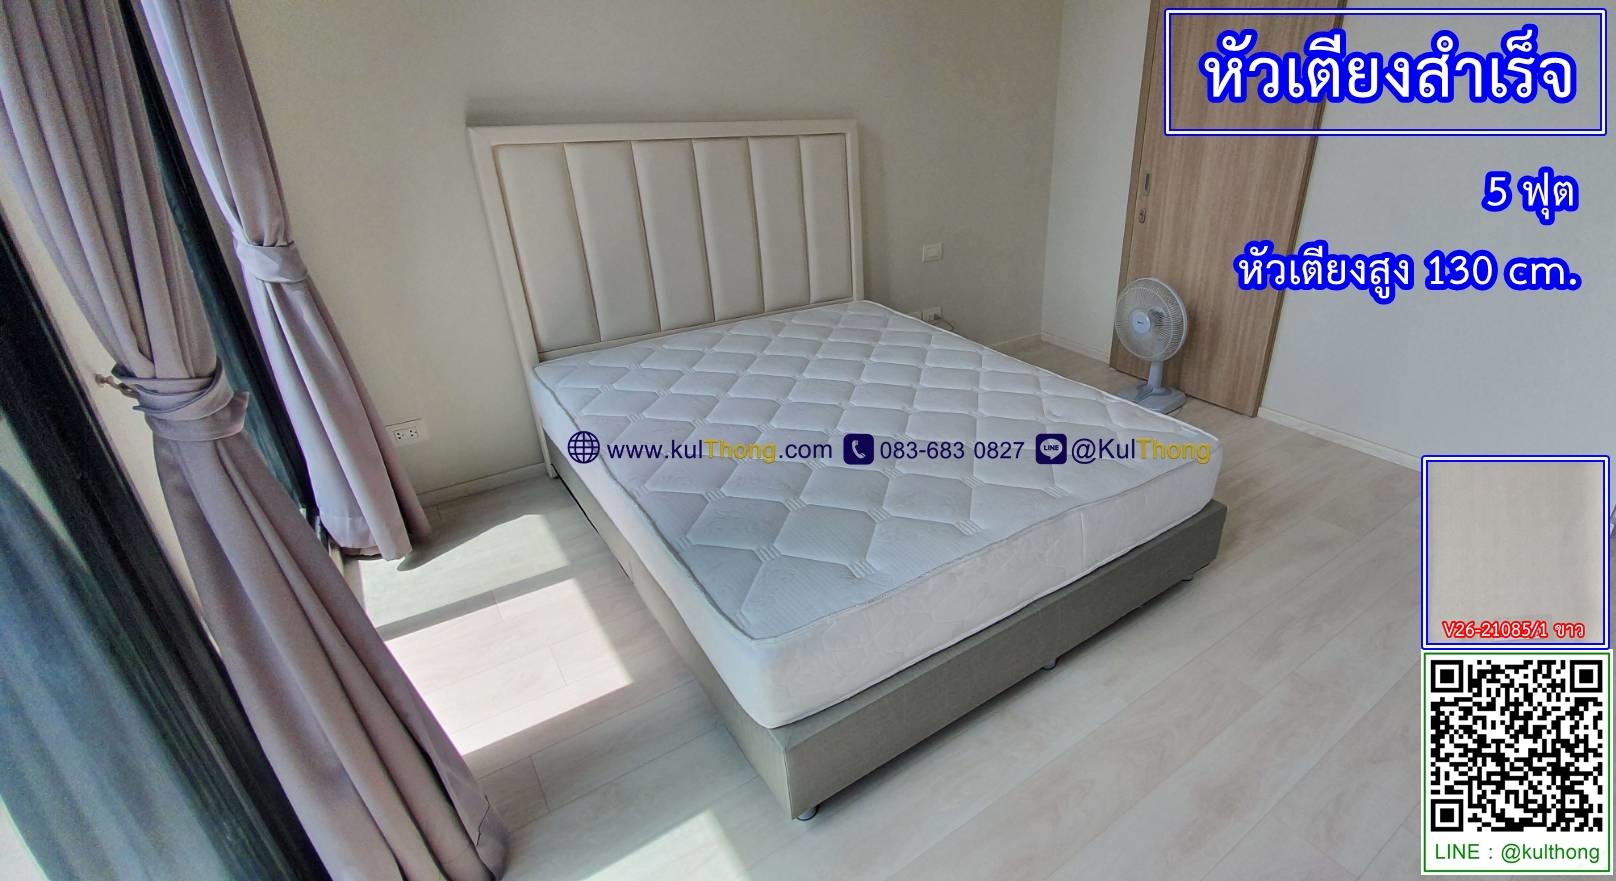 เตียงหุ้มหนัง เตียงดีไซน์ ฐานรองที่นอน เตียงโรงแรม